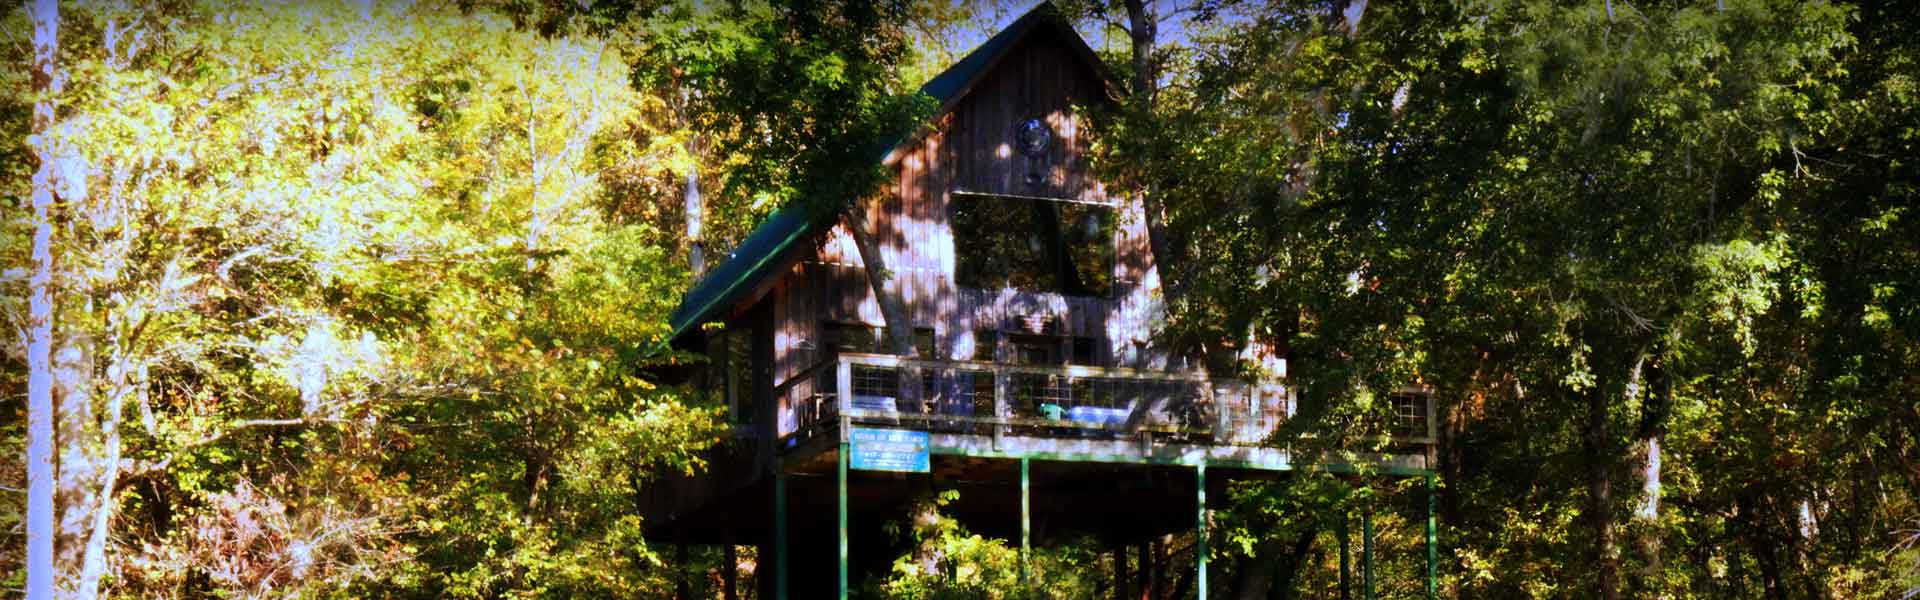 homeslider-treehouse1